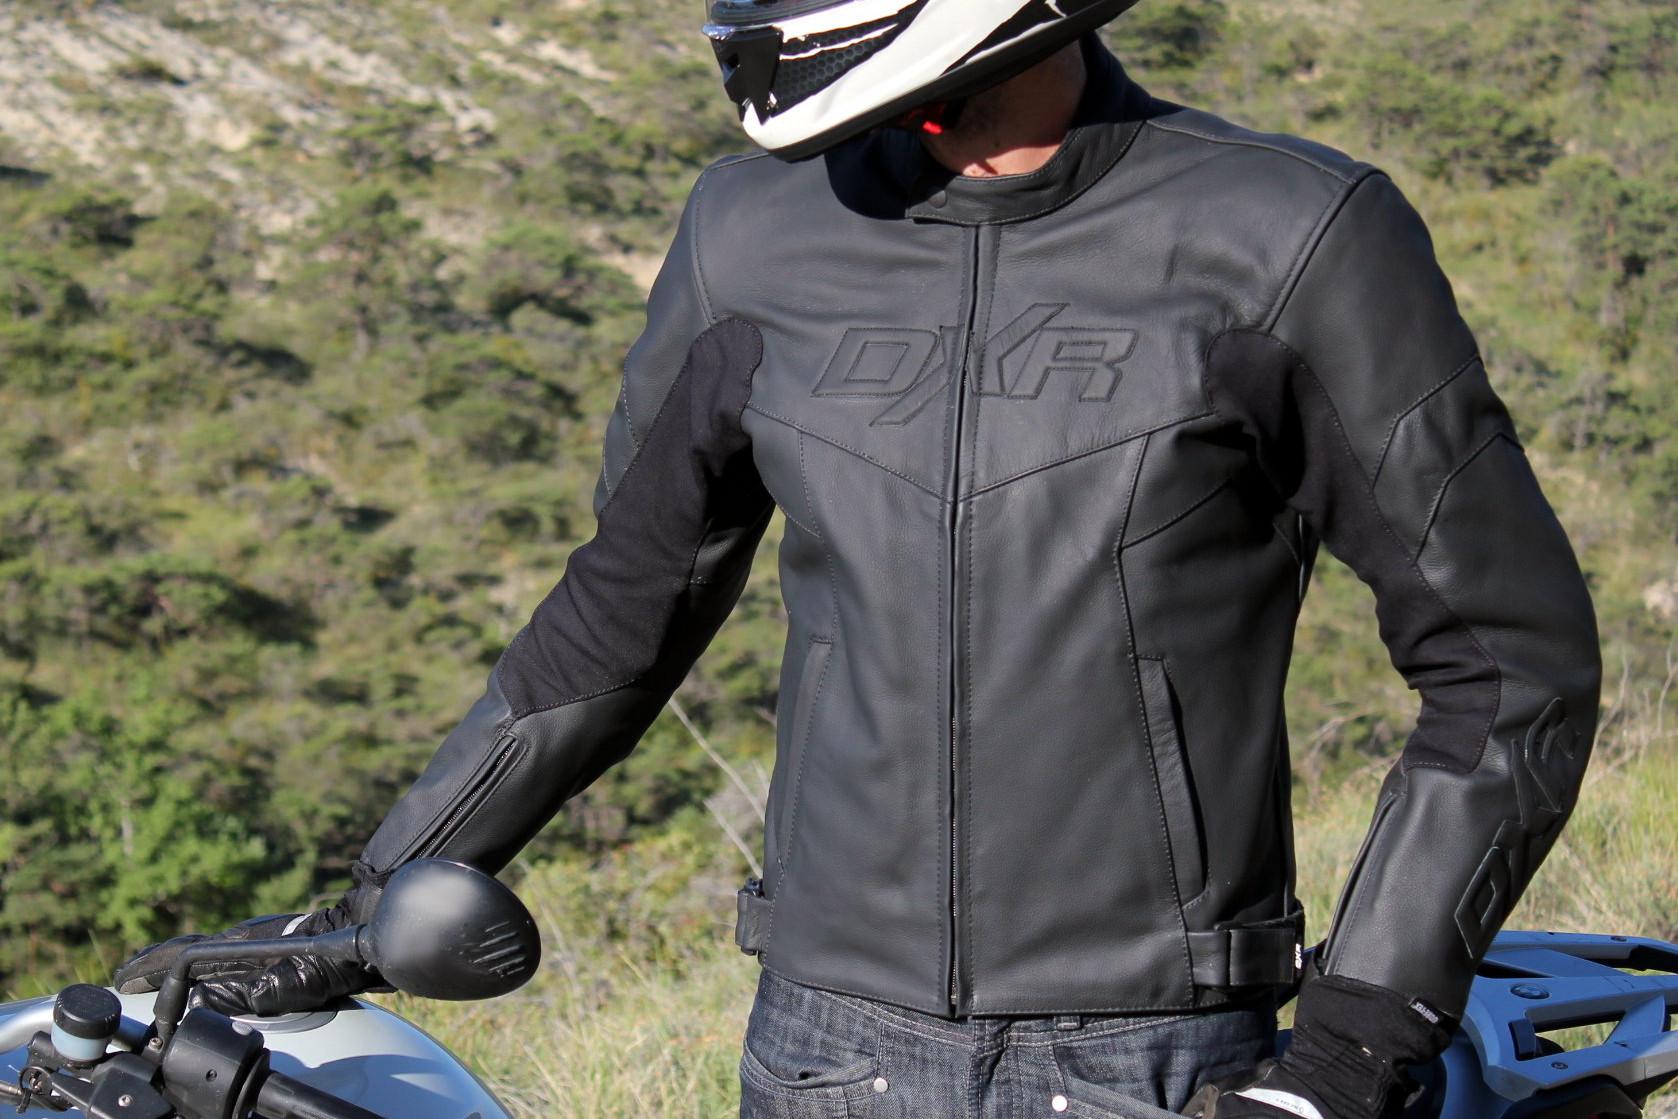 dxr skybolt un blouson moto pour renouer avec les plaisirs du cuir. Black Bedroom Furniture Sets. Home Design Ideas